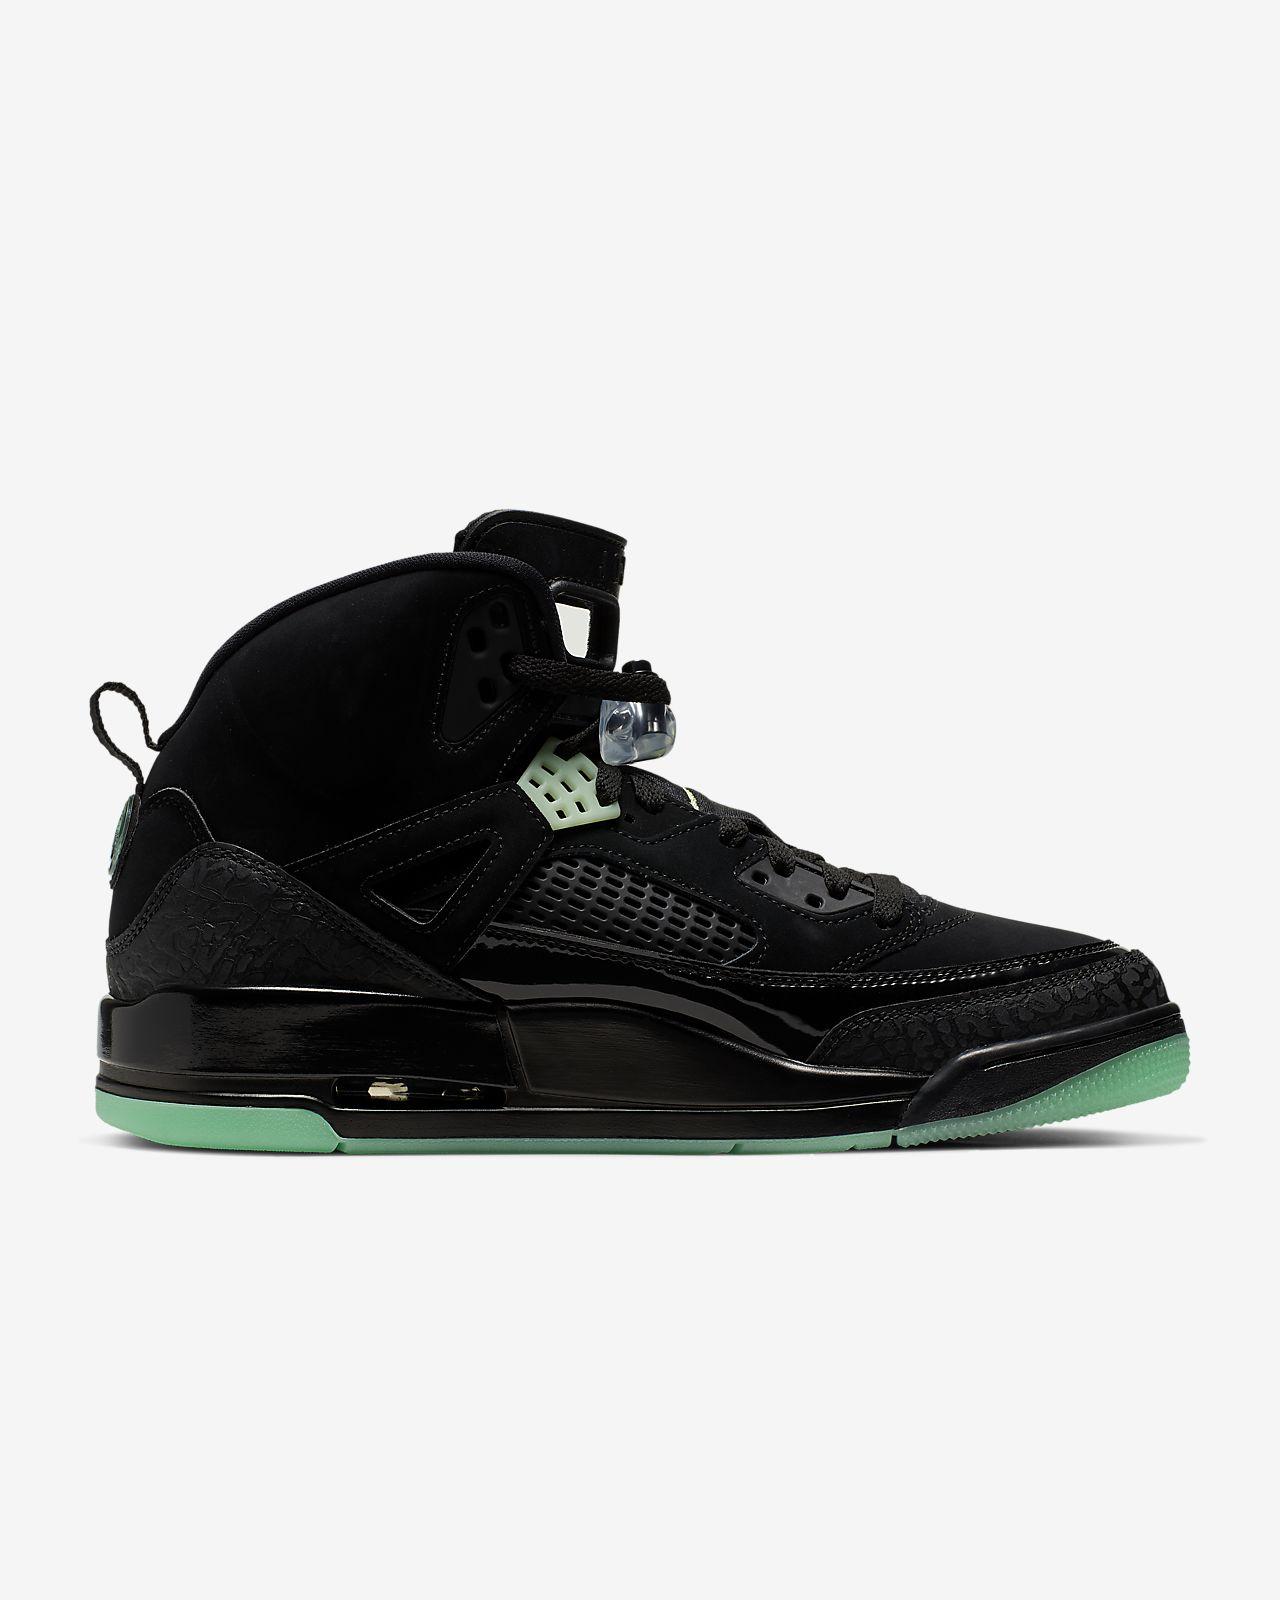 eea15c800b2 Low Resolution Jordan Spizike Men's Shoe Jordan Spizike Men's Shoe